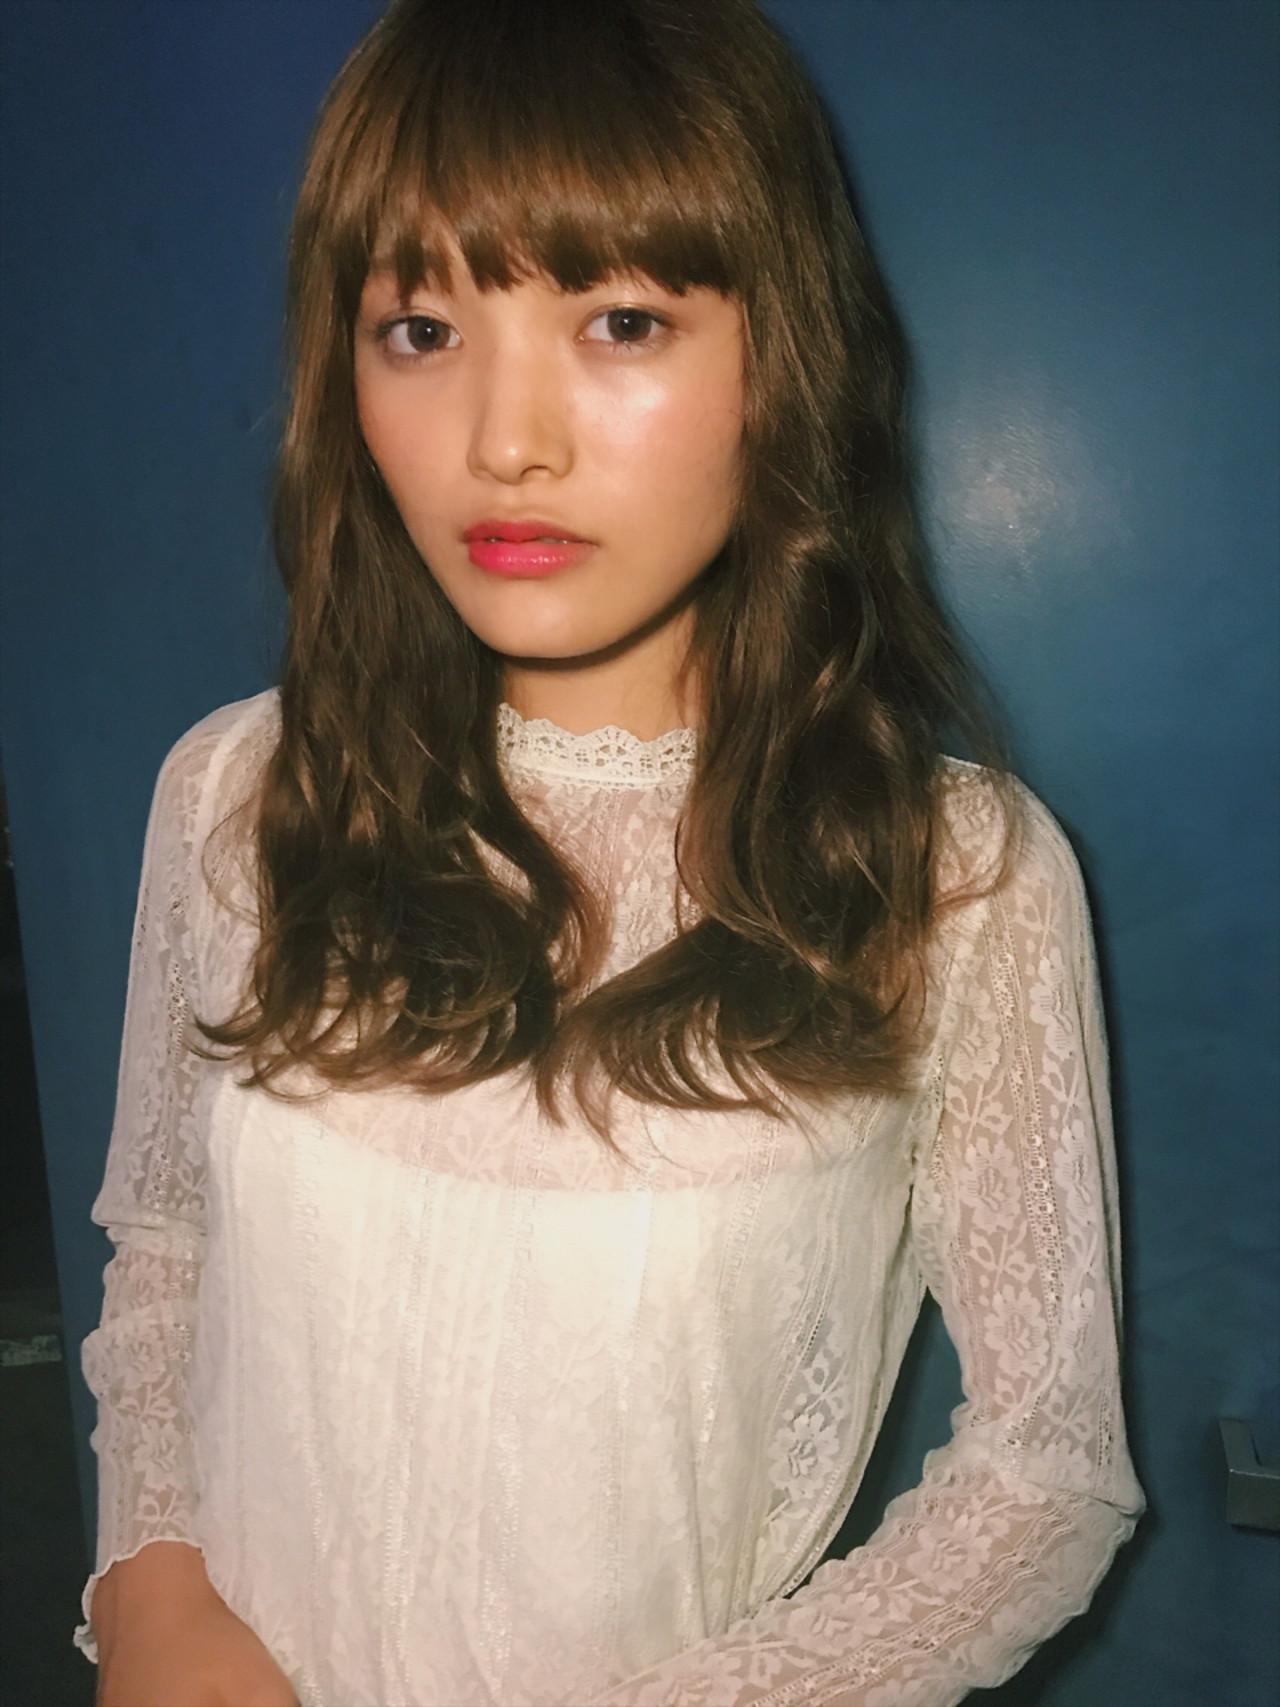 カール モード デート 透明感 ヘアスタイルや髪型の写真・画像 | さとうみさ / Sea by Lond 新宿